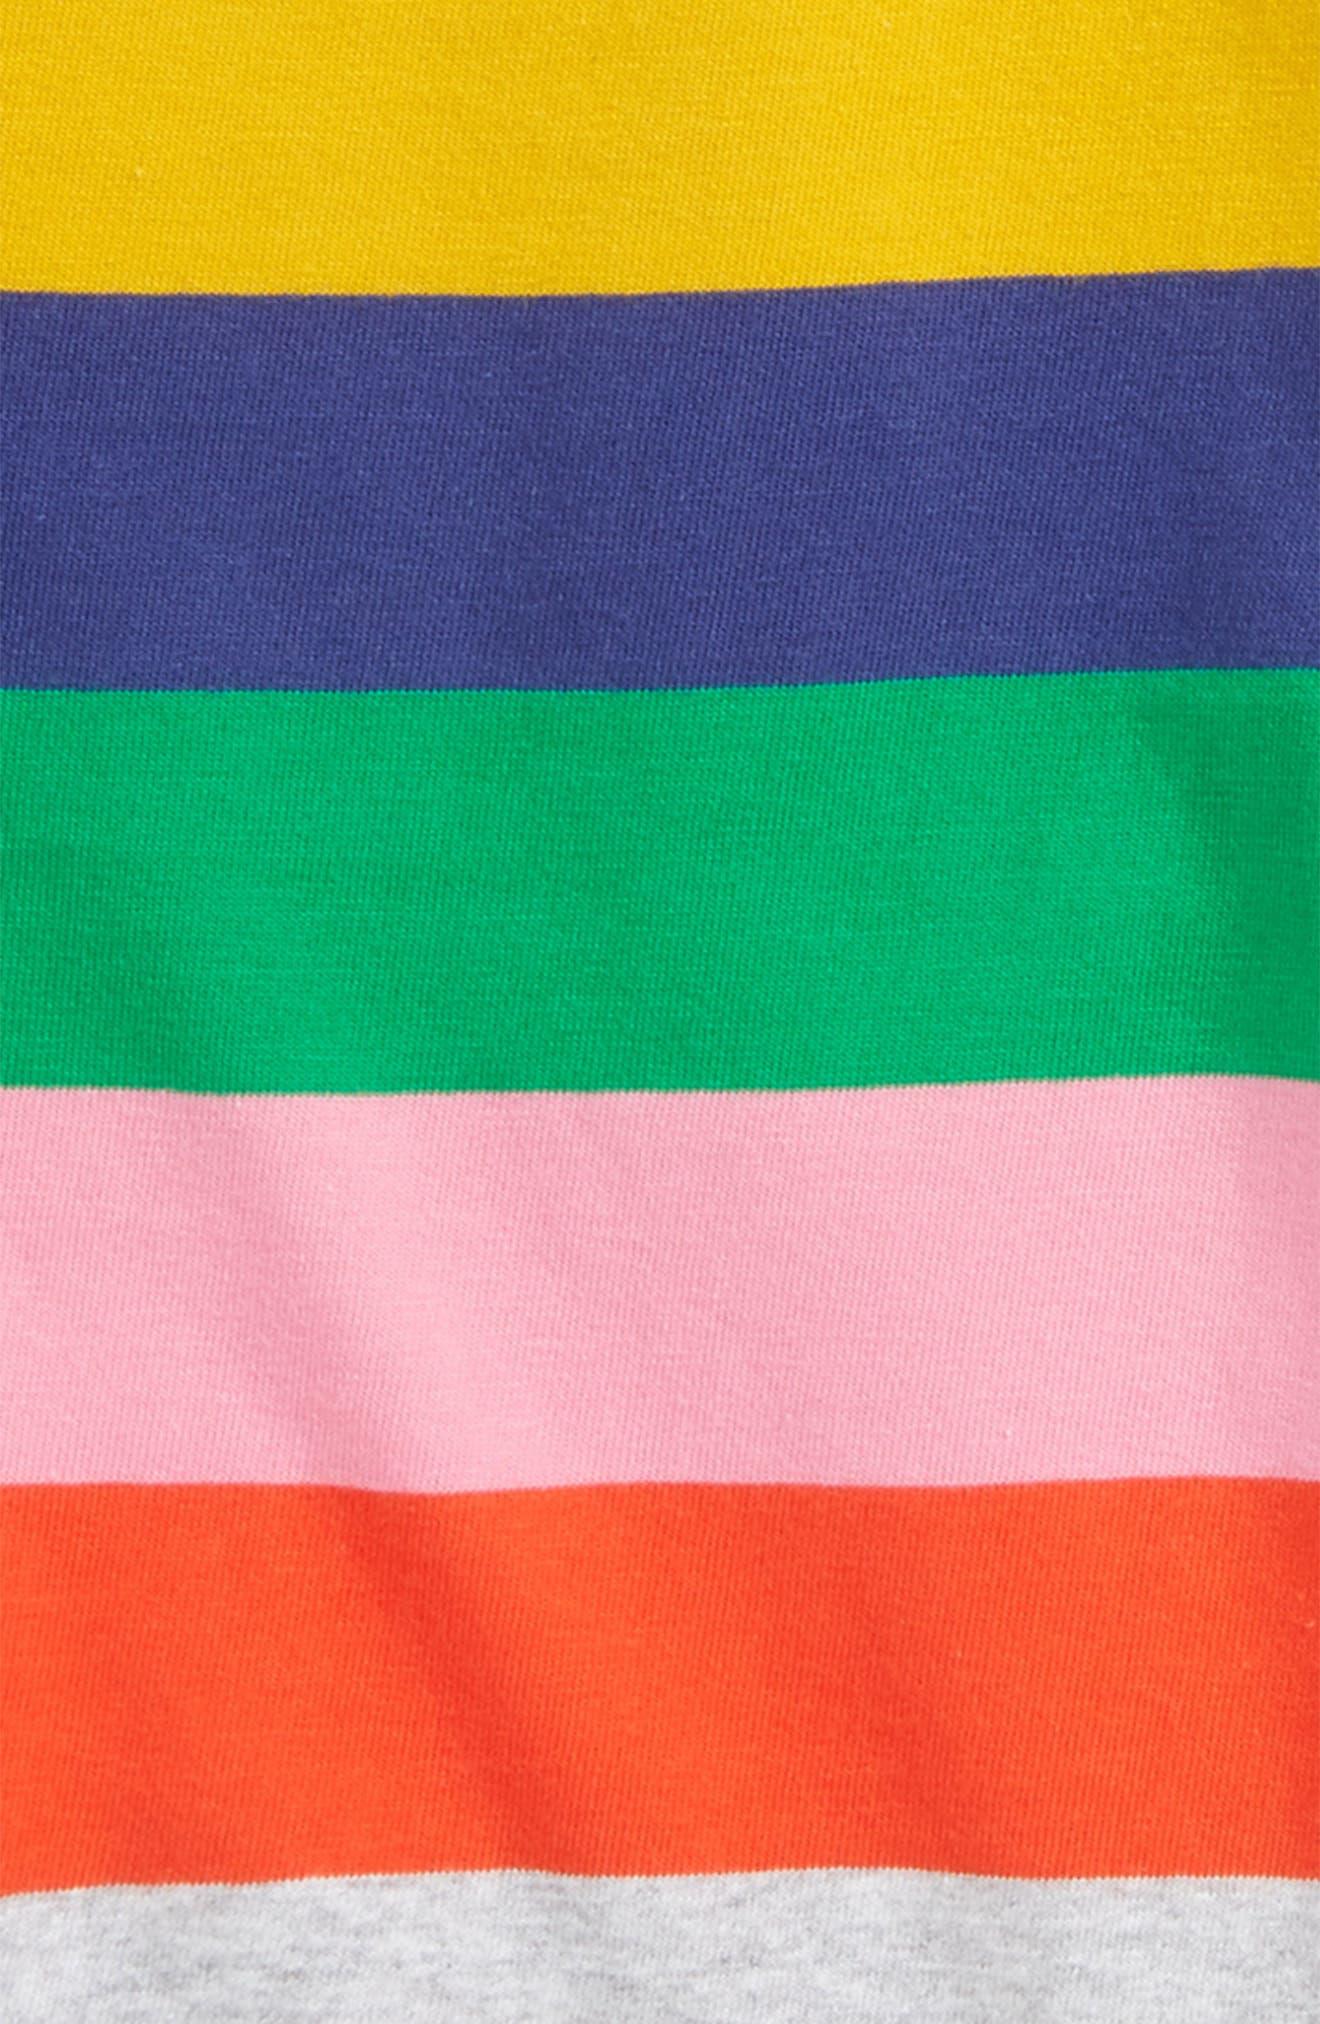 Alternate Image 2  - Mini Boden Colourfully Stripy Tee (Toddler Girls, Little Girls & Big Girls)